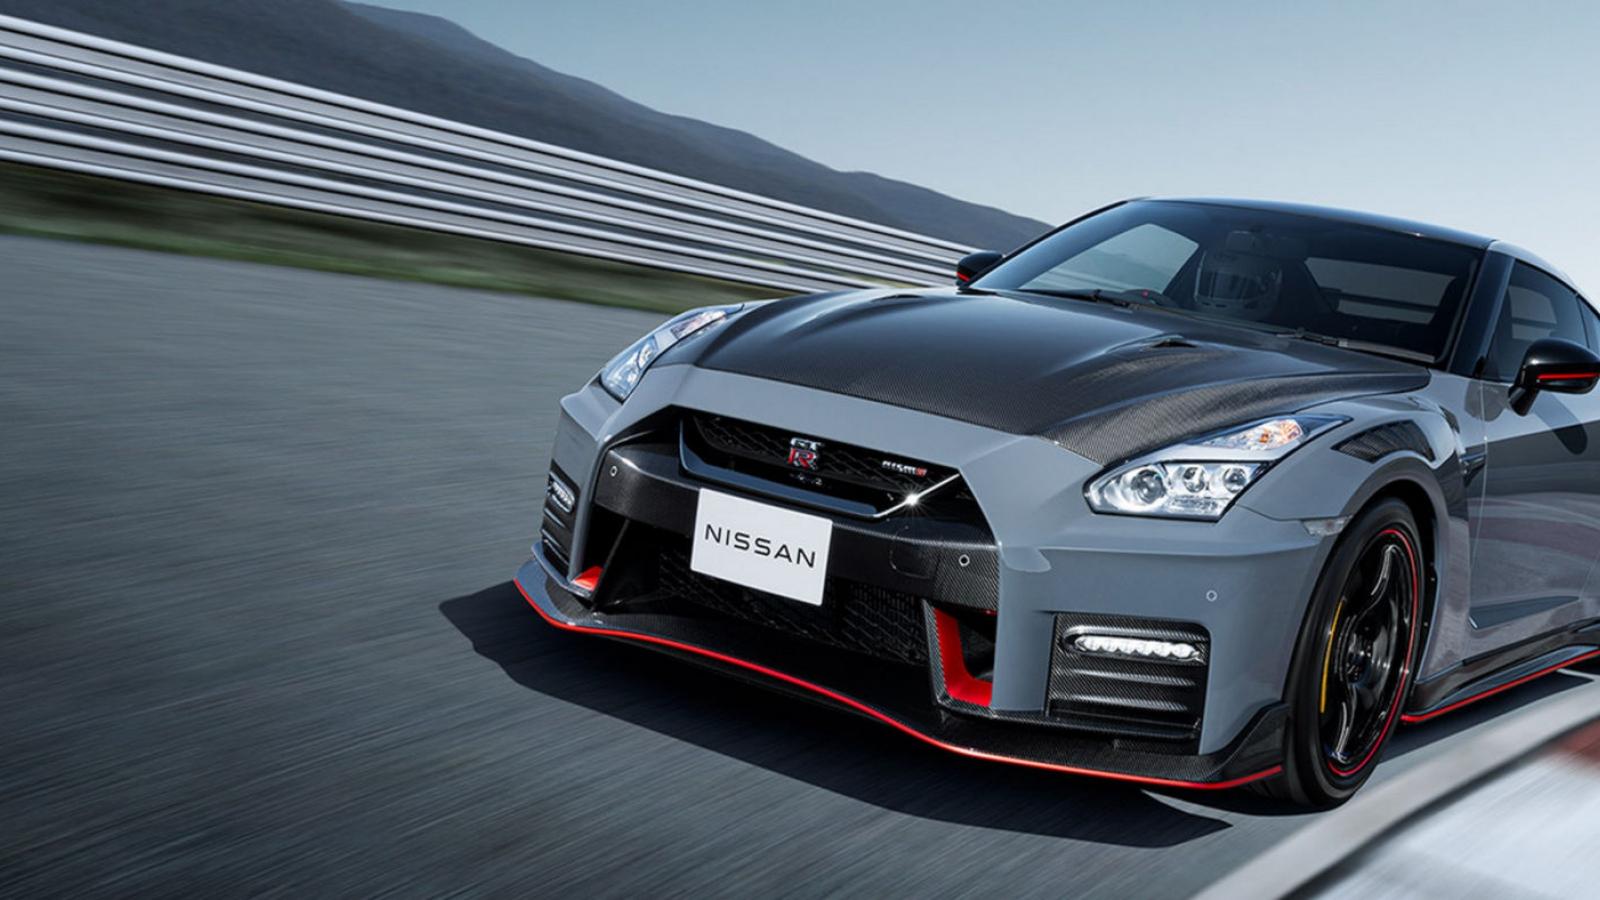 Nissan ra mắt GT-R Nismo 2022 cùng phiên bản đặc biệt